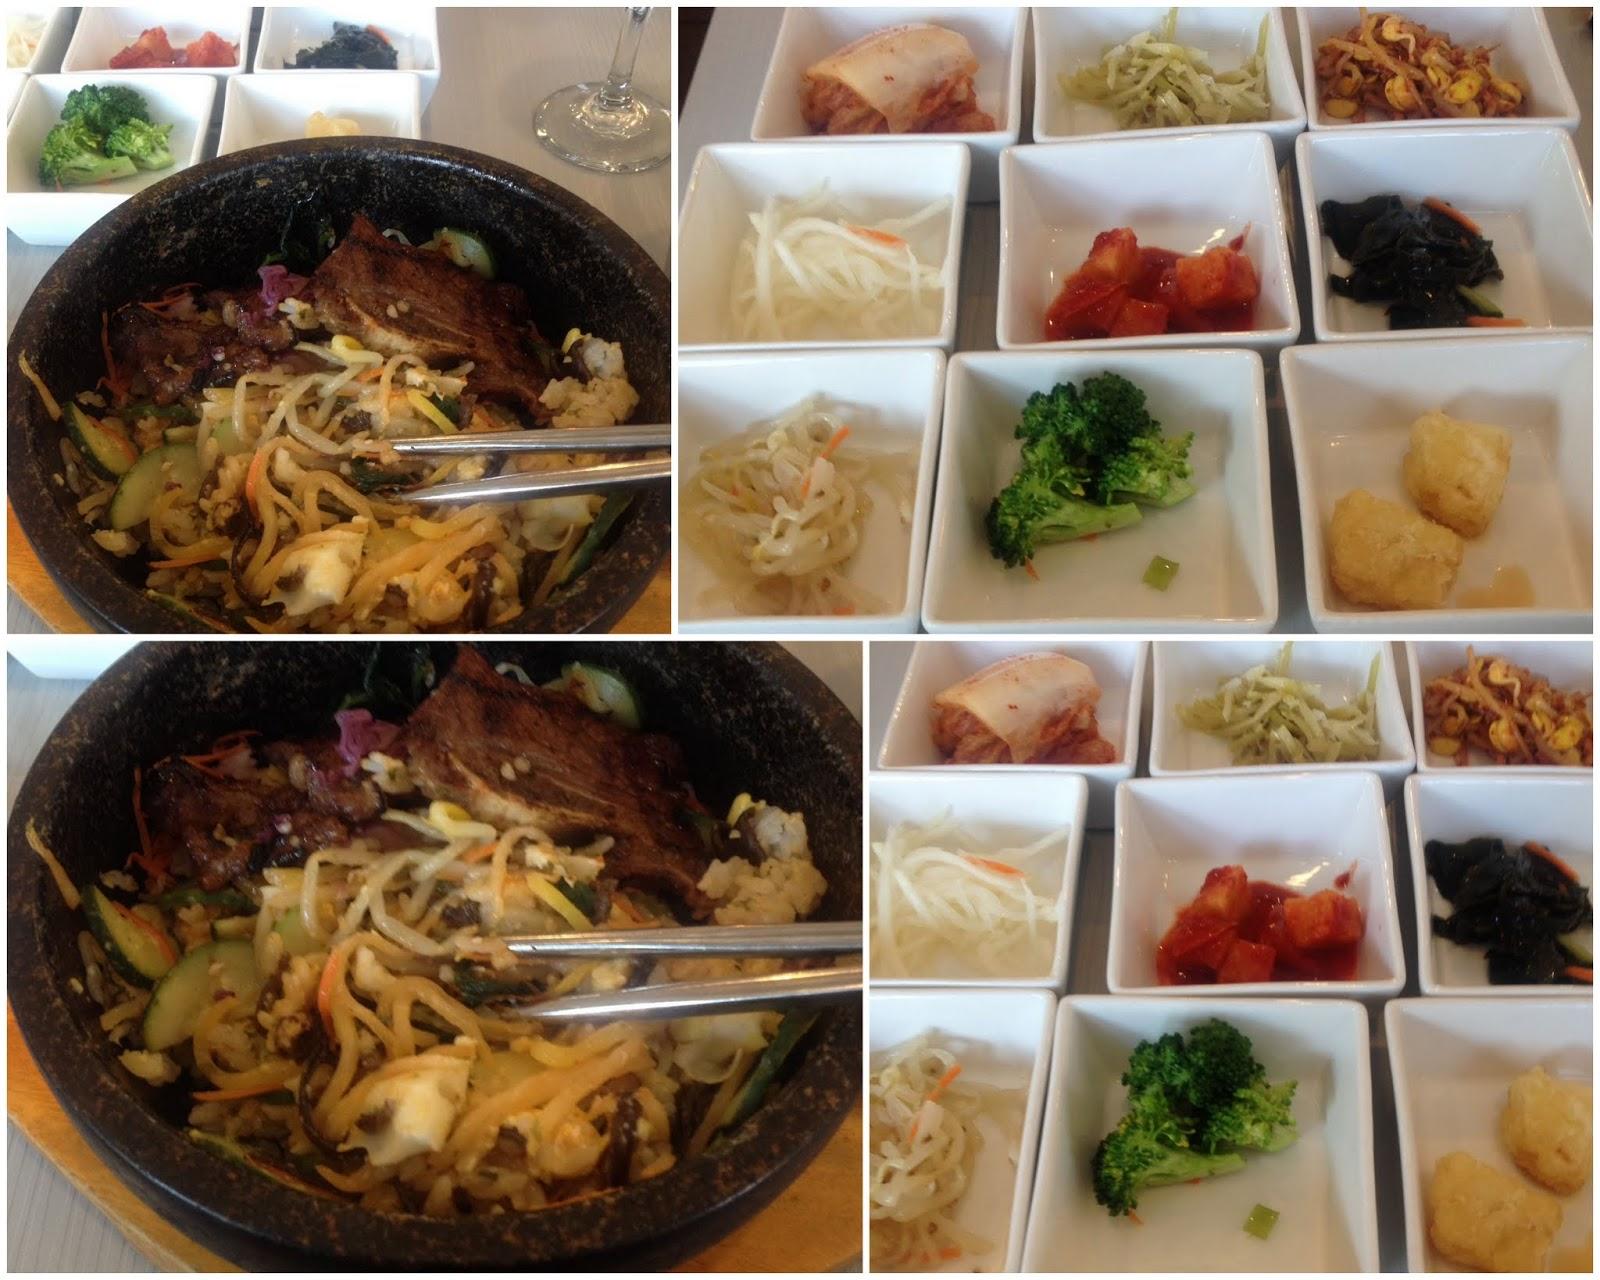 Mixed Grain Restaurant: Korean Food Review